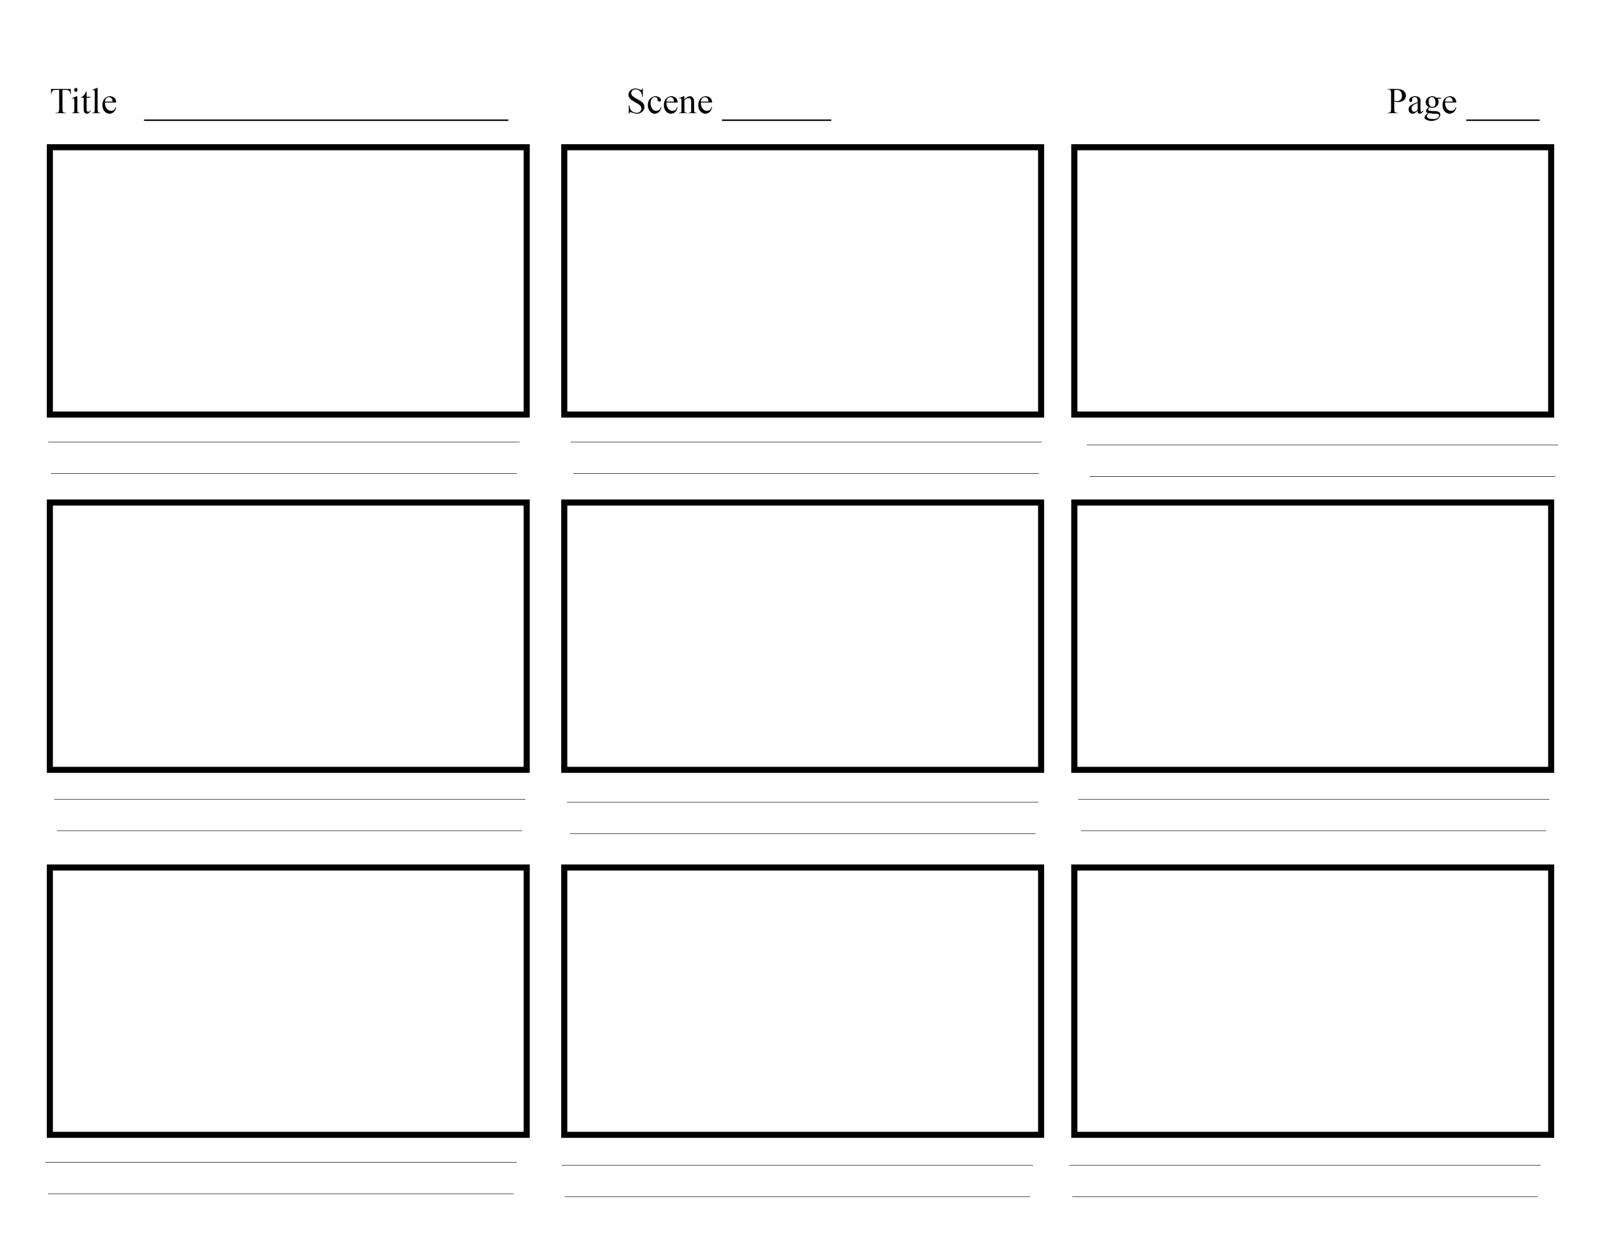 怎样借助故事板做好用户体验设计?